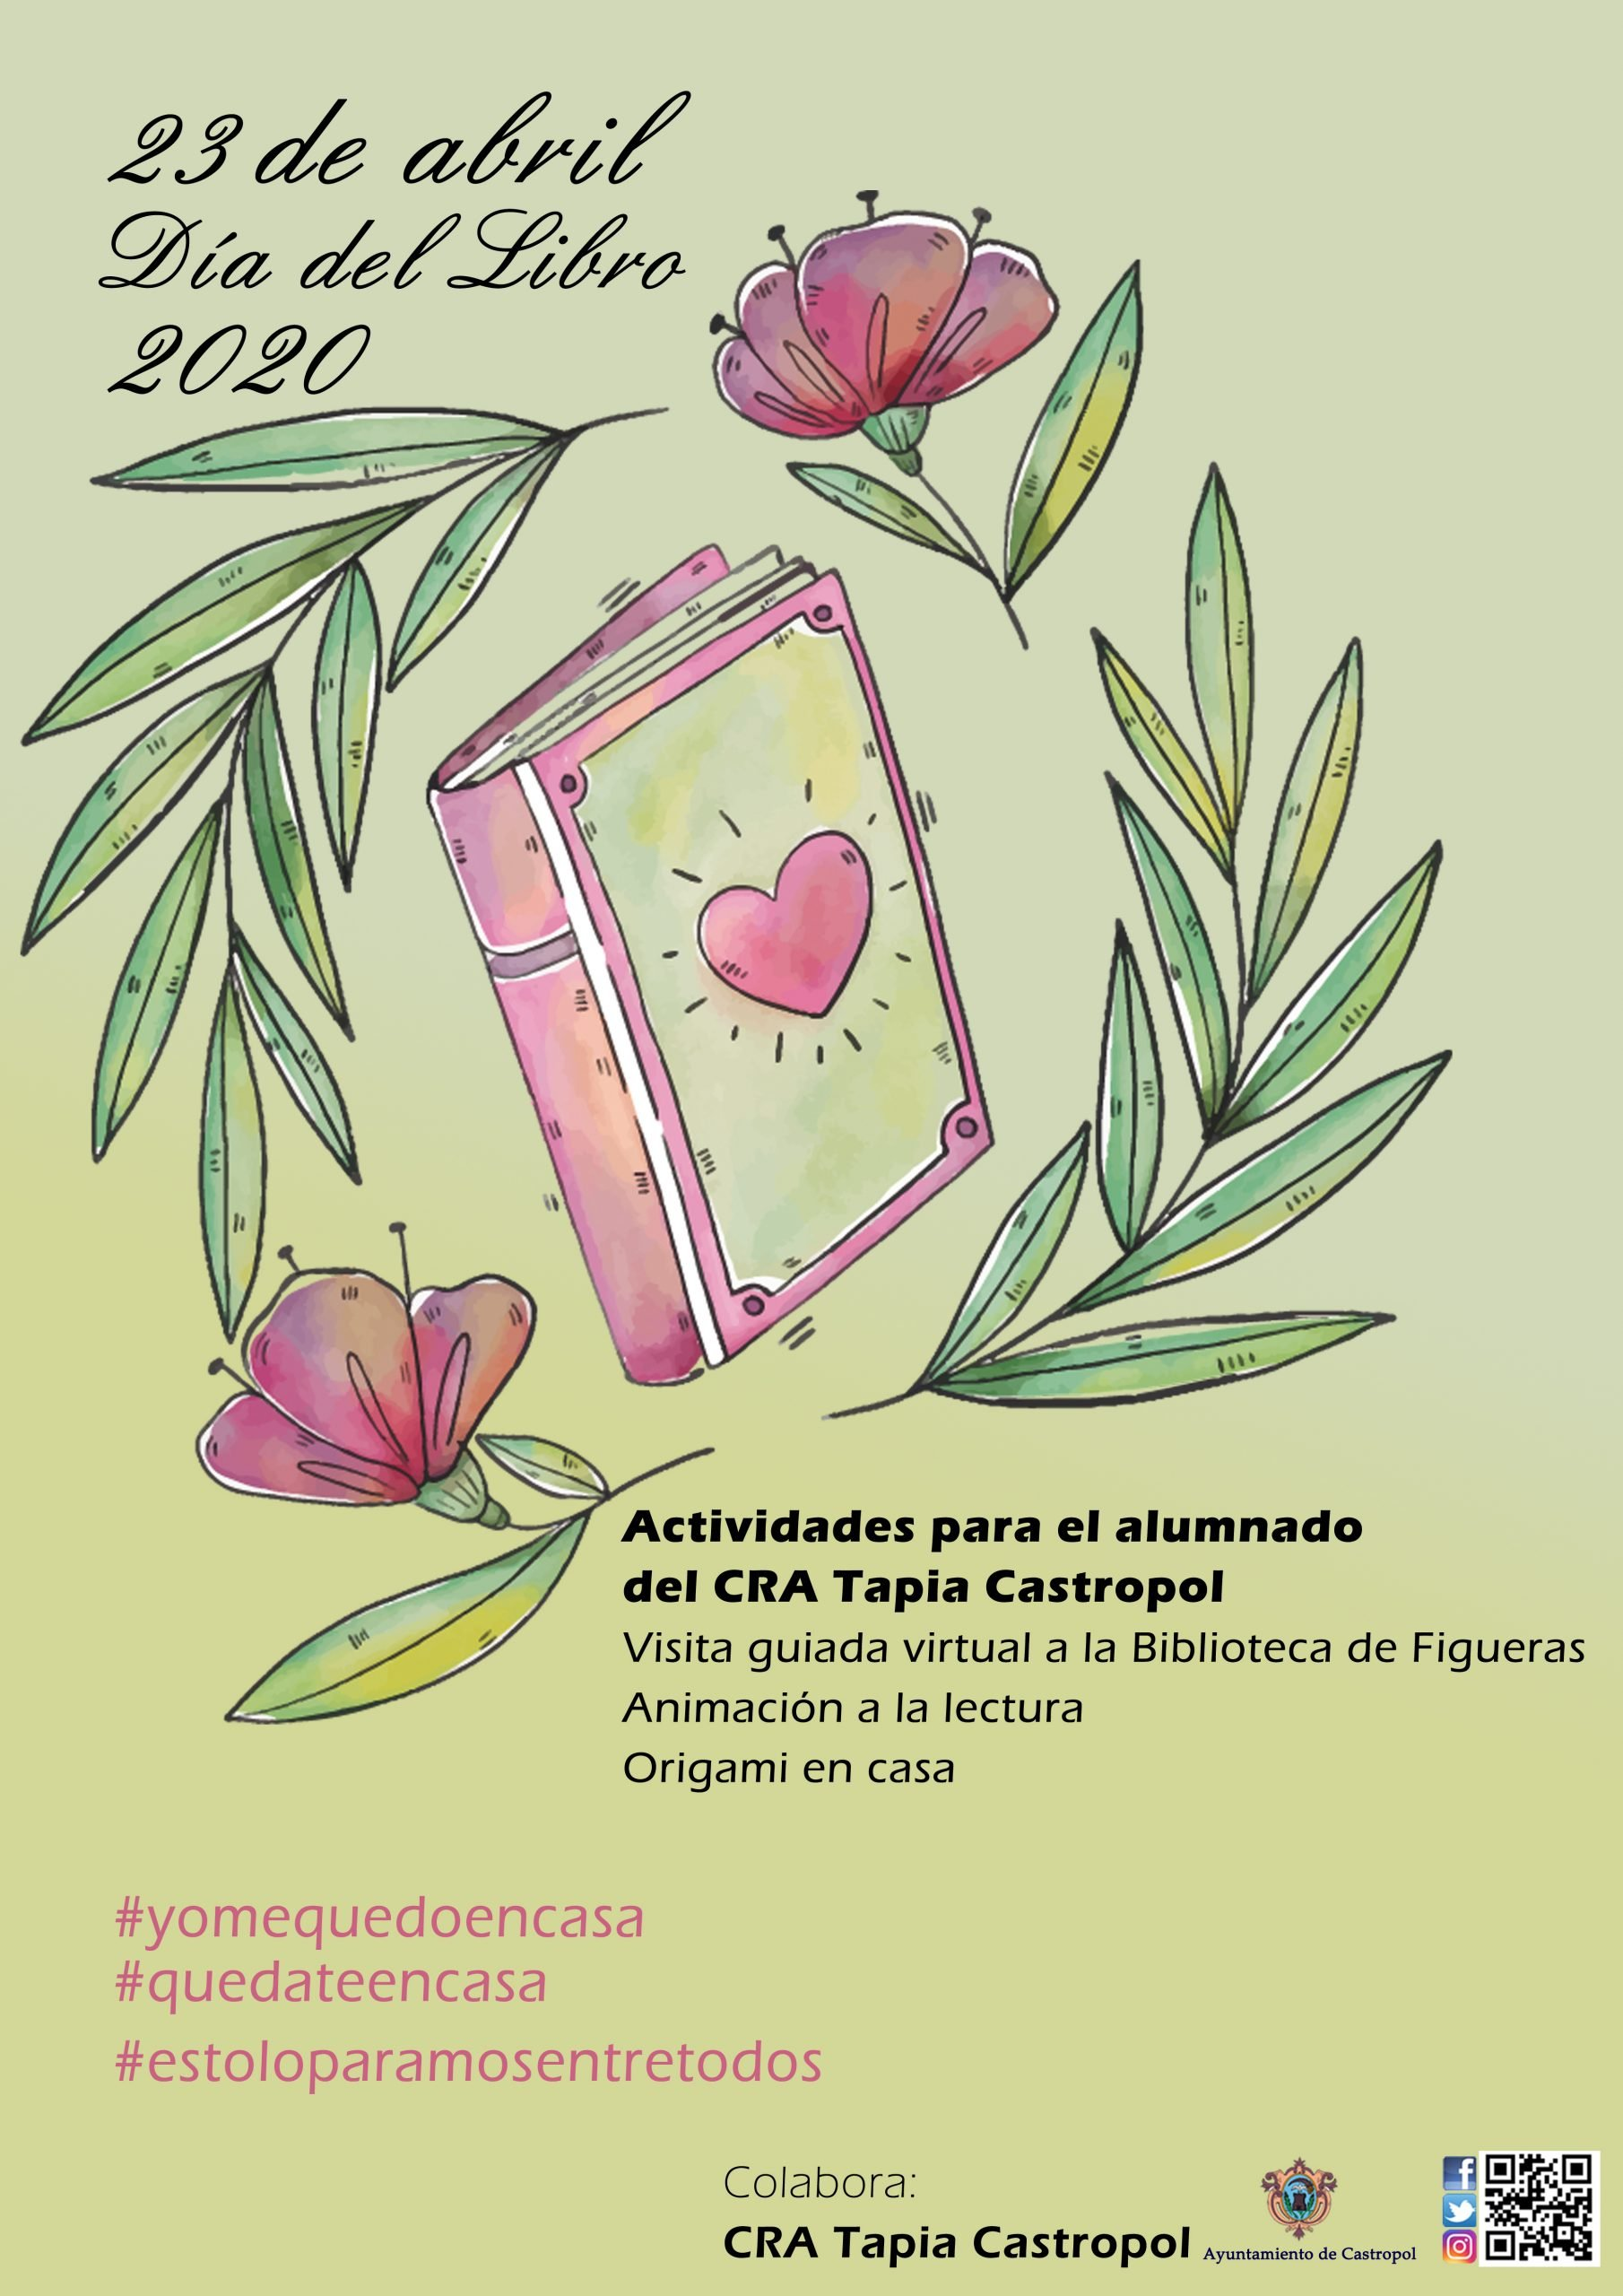 La Biblioteca de Figueras (Castropol) realiza varias propuestas conmemorativas del Día del Libro